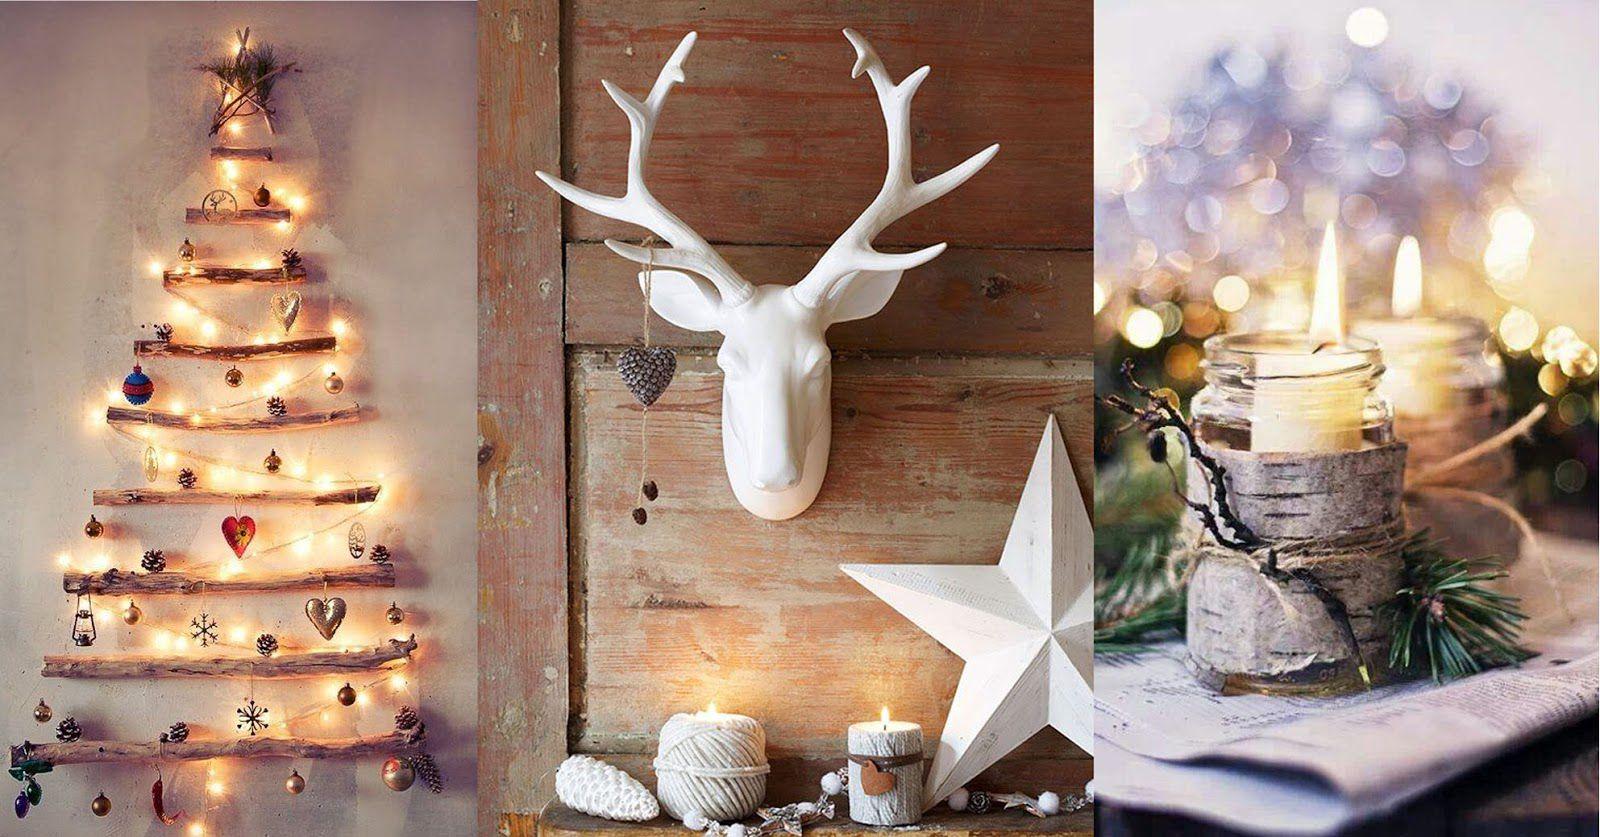 Картинки по запросу Скандинавский Новый год картинки